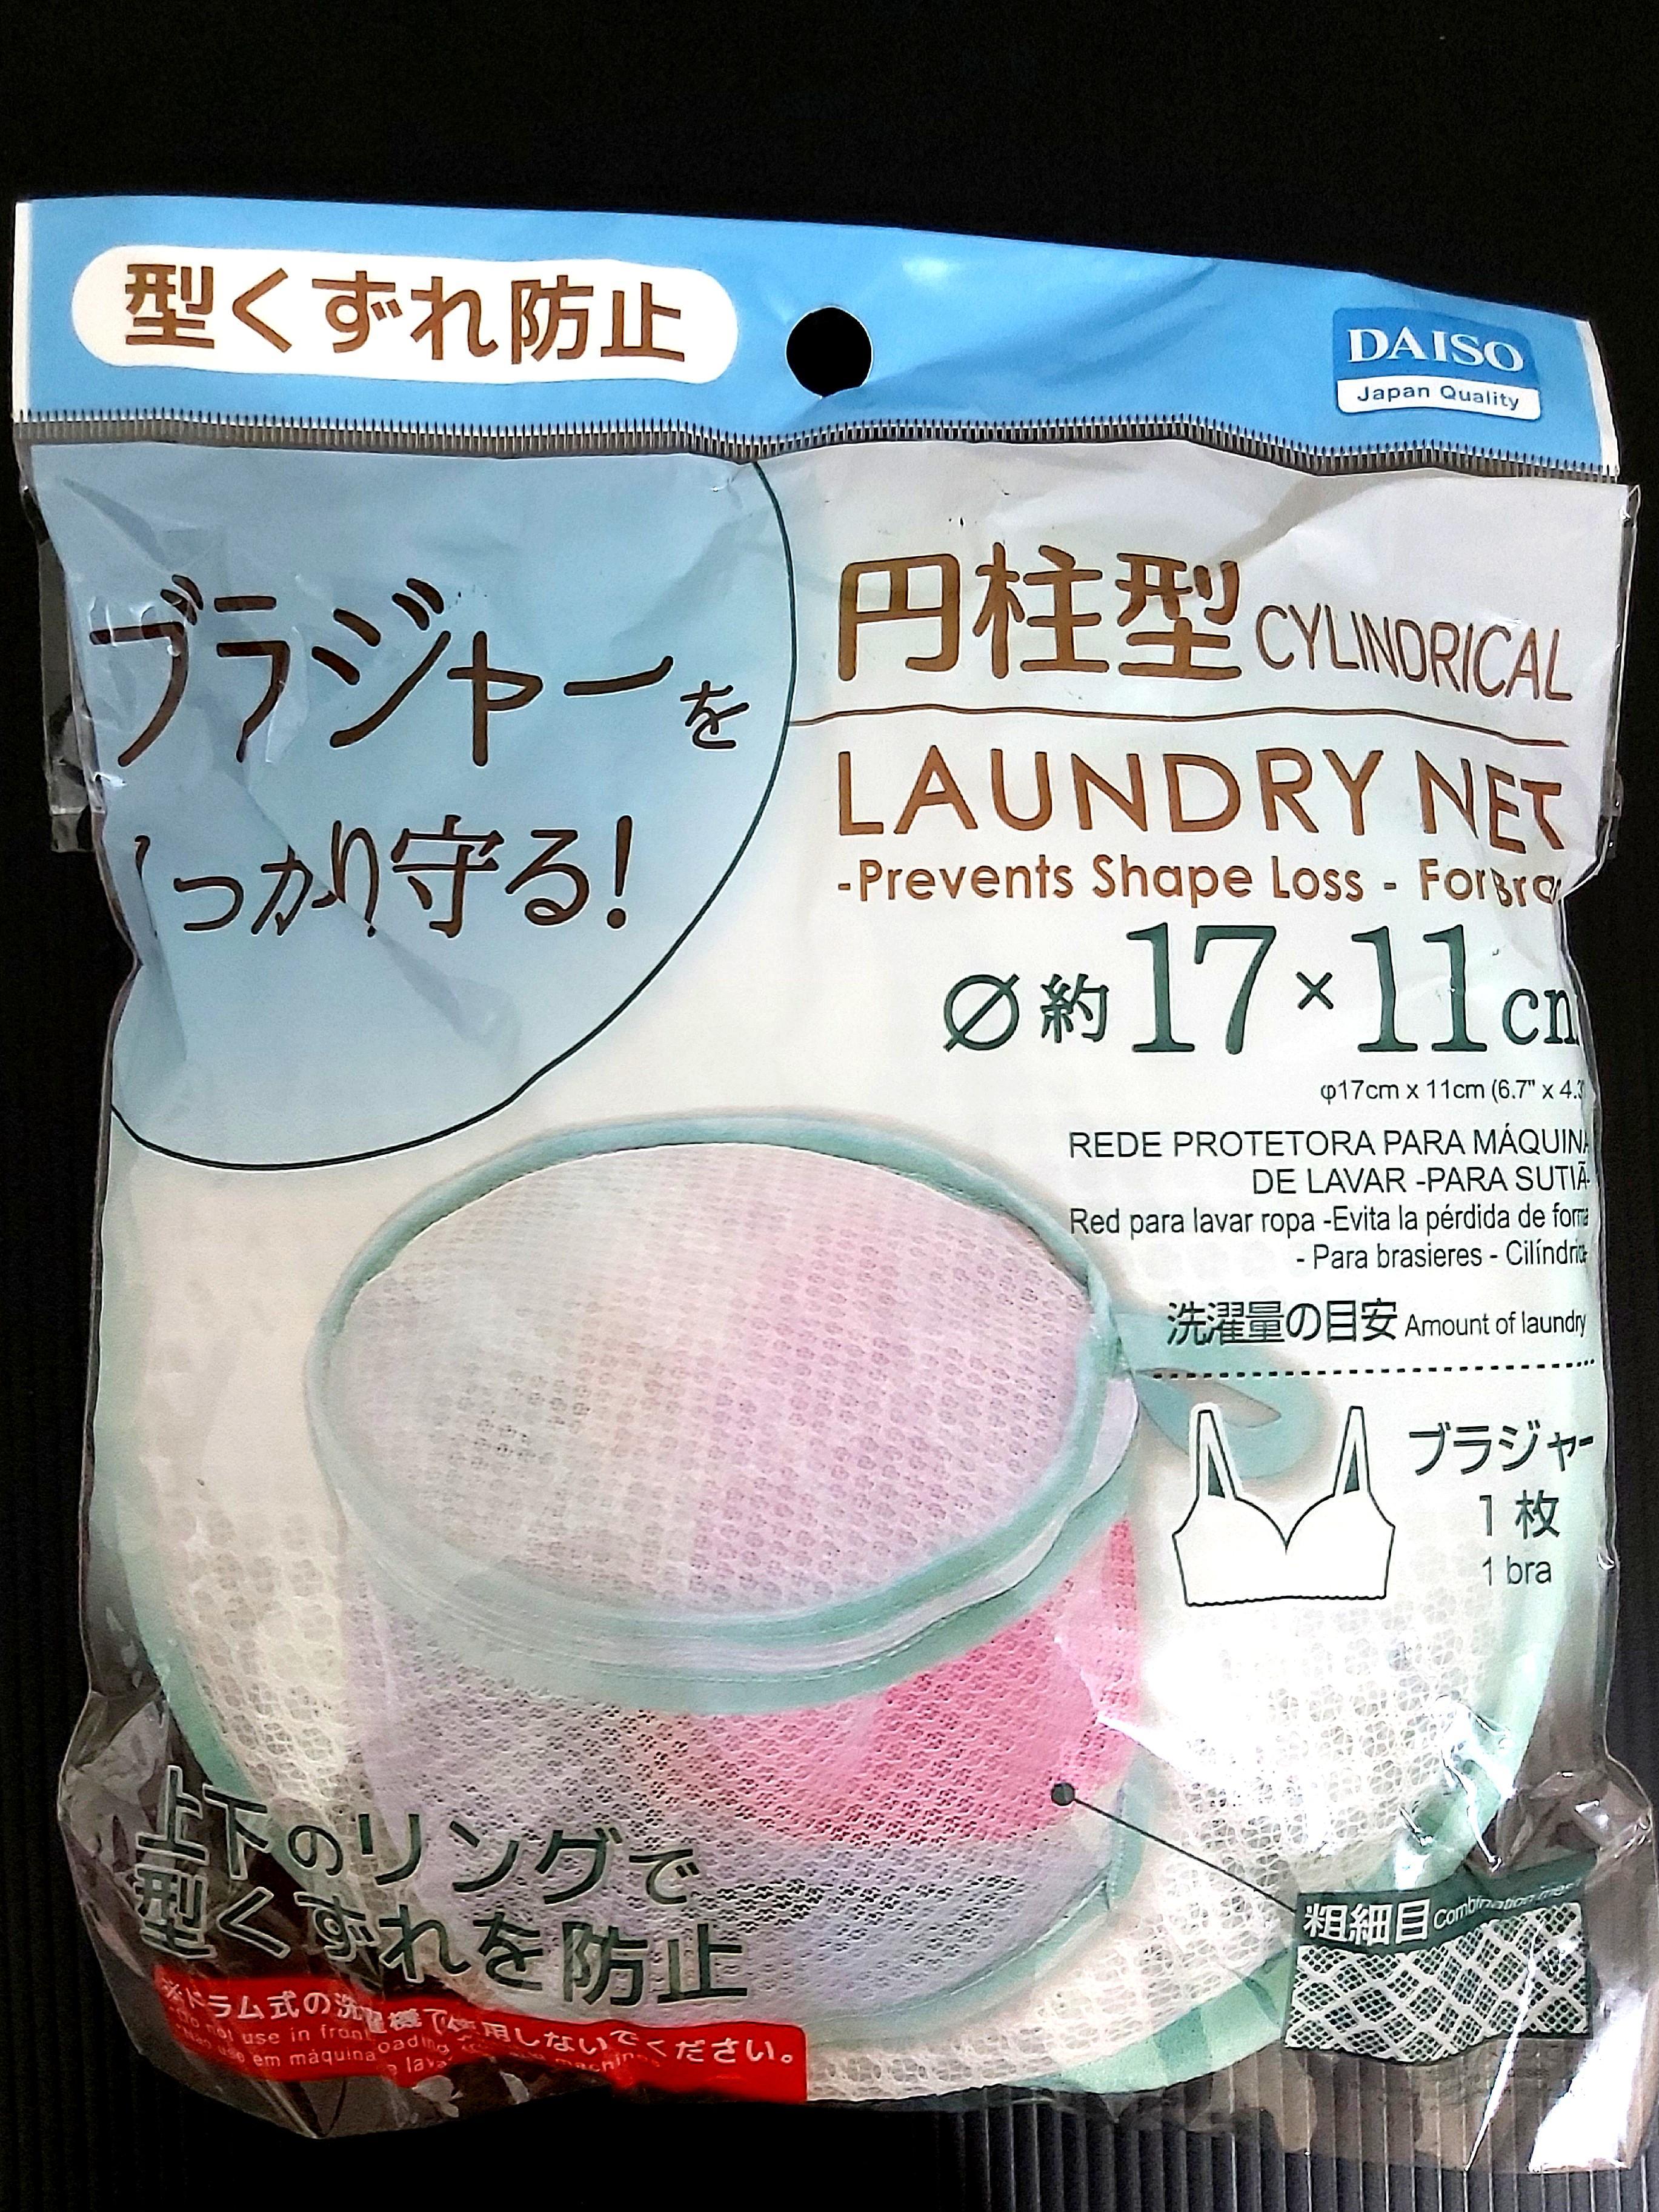 Laundry net for bra